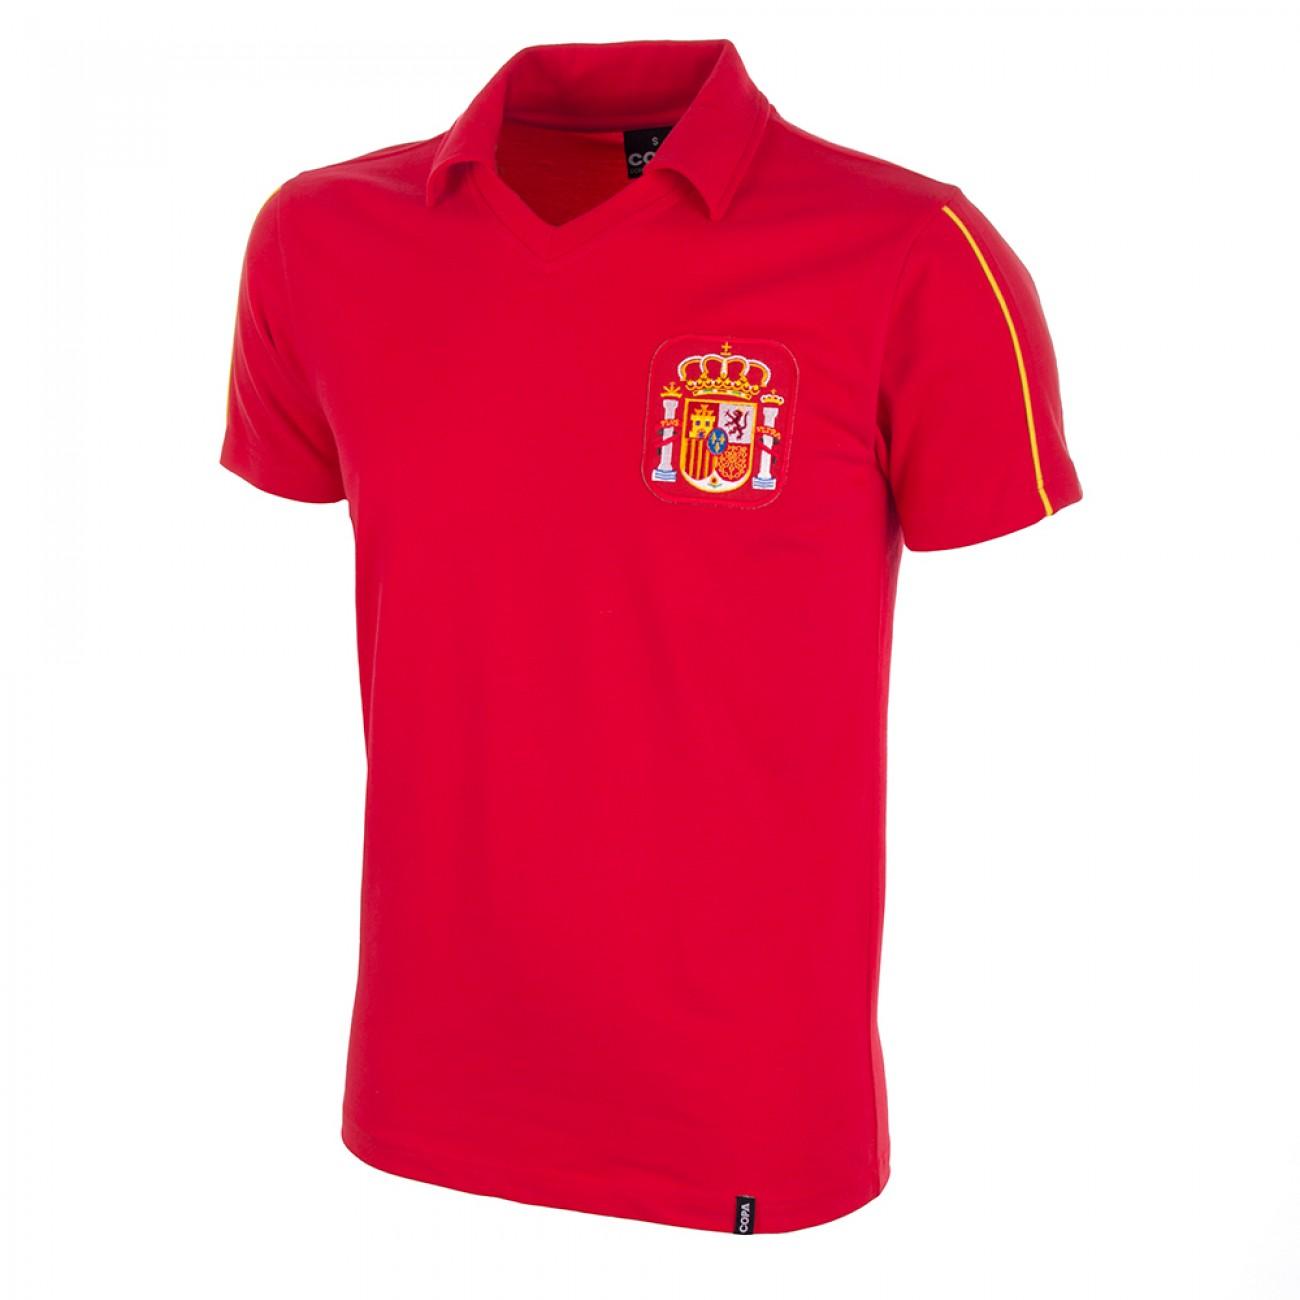 http://www.retrofootball.es/ropa-de-futbol/camiseta-espa-a-a-os-80.html